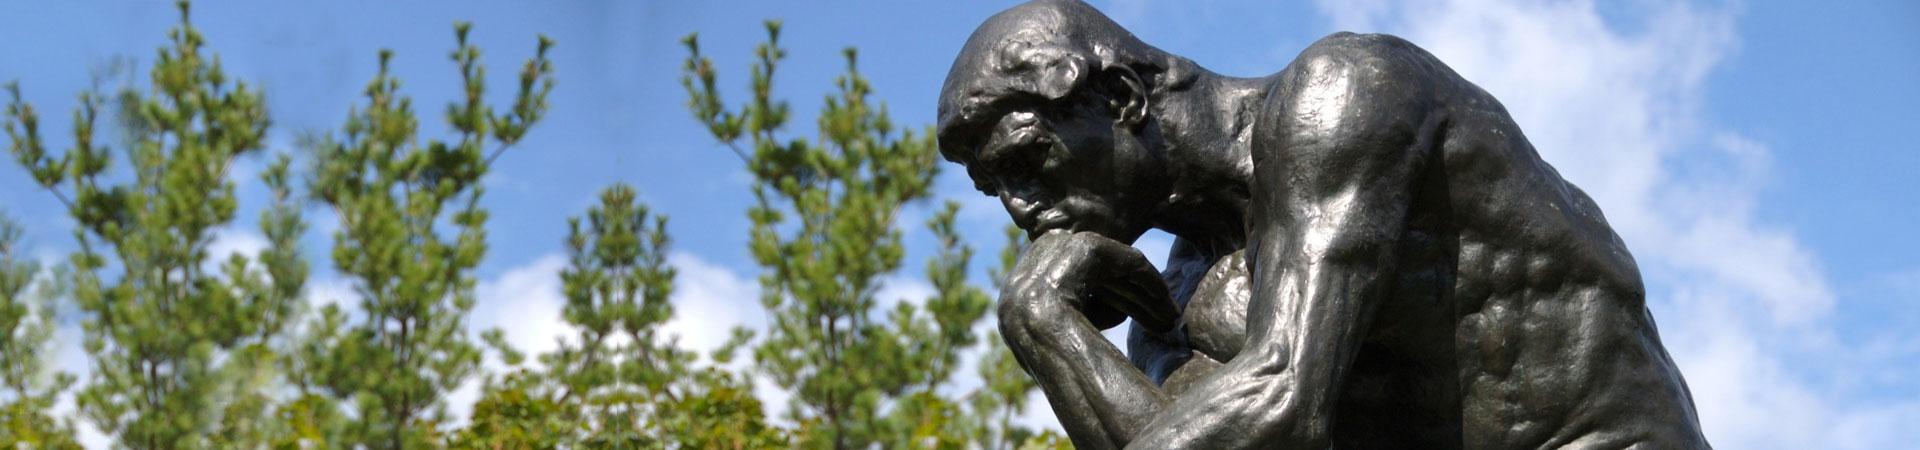 скульптура животное медведи  из бронзы